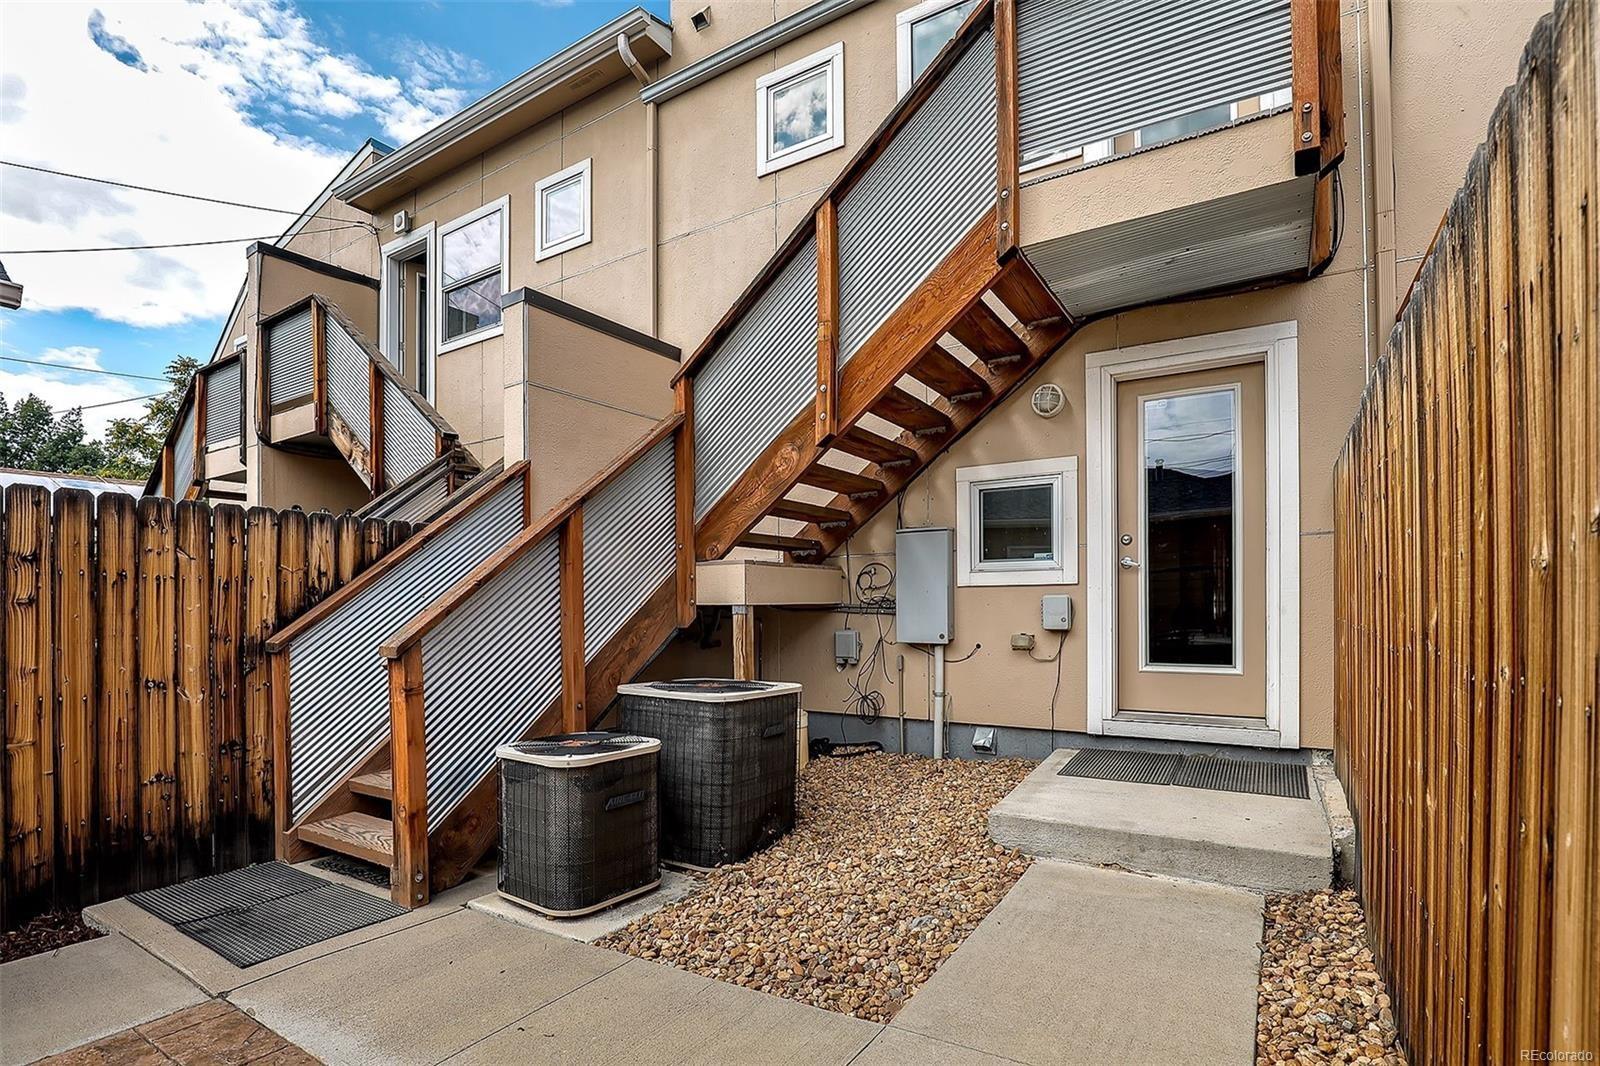 MLS# 4580387 - 16 - 354 W Archer Place, Denver, CO 80223